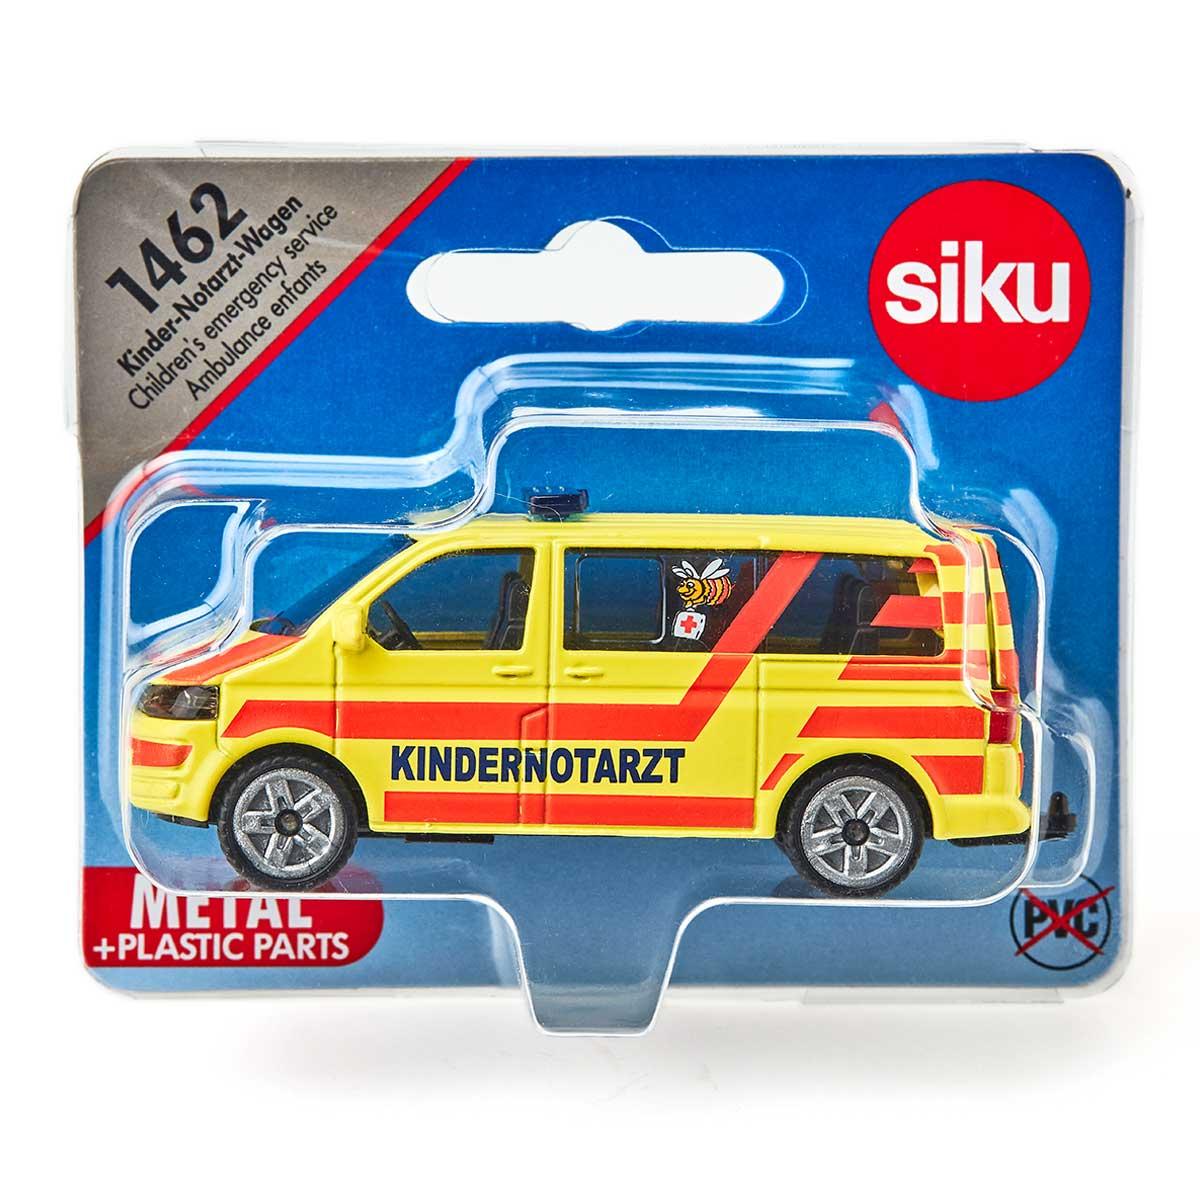 Blister SUPER SIKU 1462 - Kinder-Notarzt-Wagen